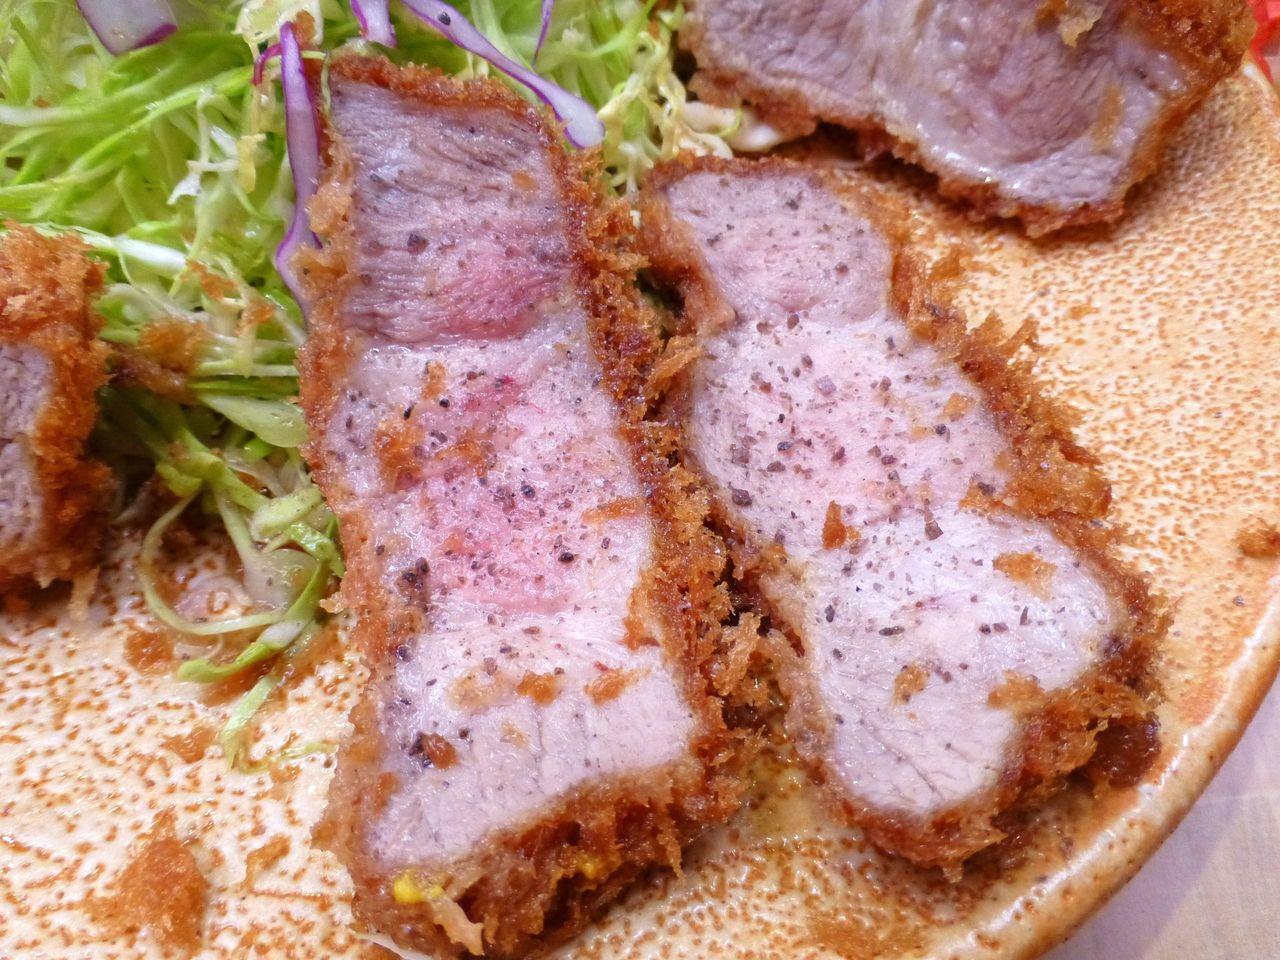 ヒマラヤ岩塩を振り掛けると、肉の旨さを味わえます!